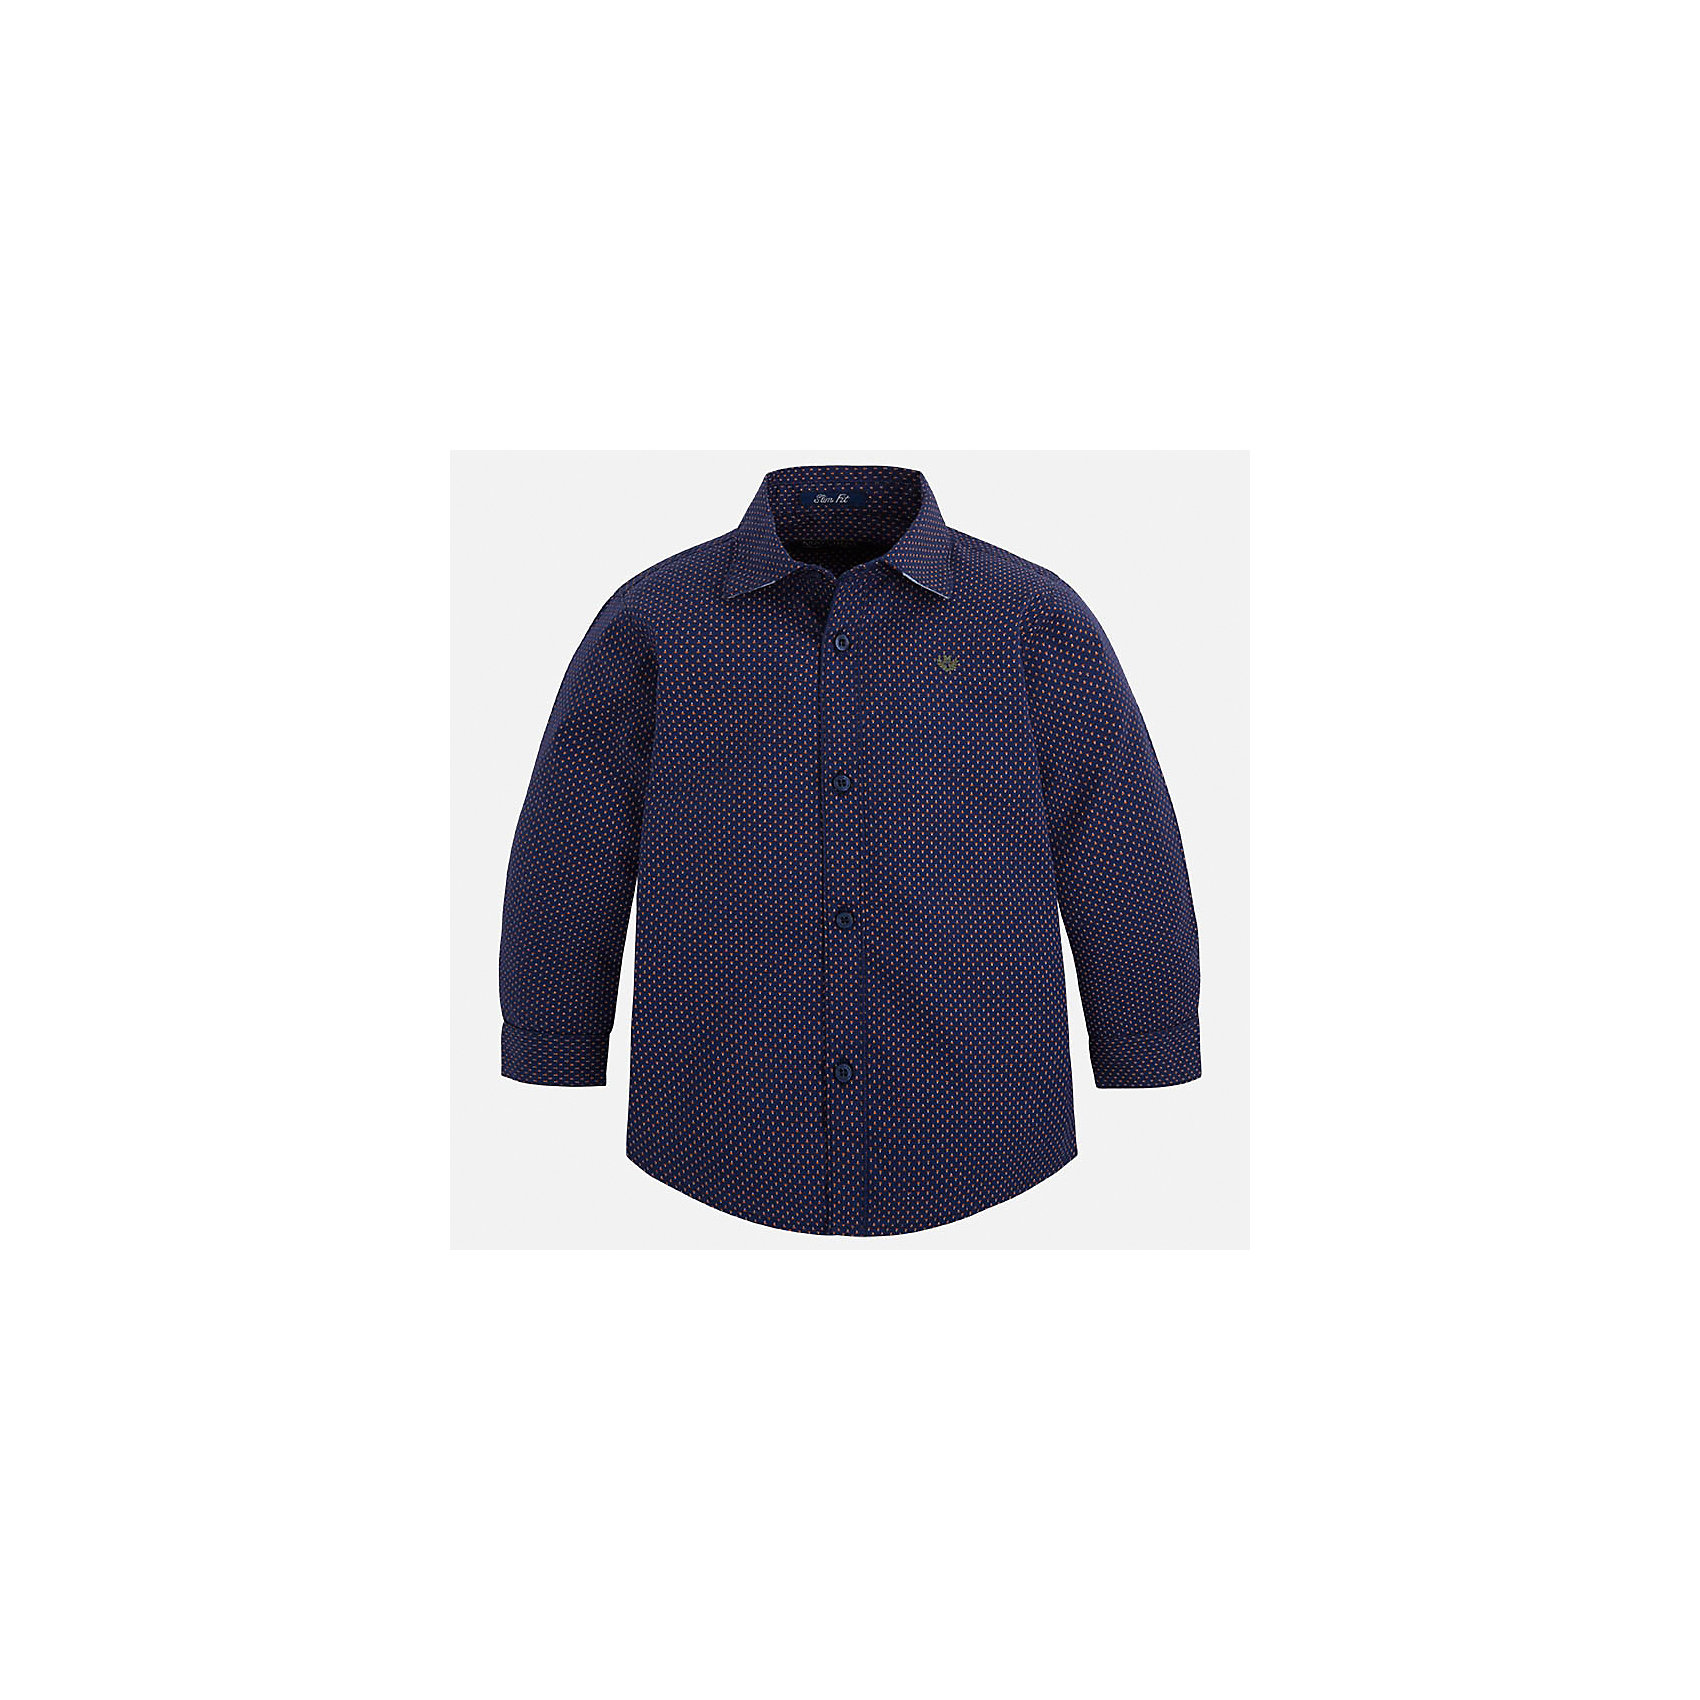 Рубашка Mayoral для мальчикаБлузки и рубашки<br>Характеристики товара:<br><br>• цвет: синий<br>• состав ткани: 100% хлопок<br>• сезон: демисезон<br>• особенности модели: школьная<br>• застежка: пуговицы<br>• длинные рукава<br>• страна бренда: Испания<br>• страна изготовитель: Индия<br><br>Классическая рубашка с длинным рукавом для мальчика от Майорал поможет обеспечить ребенку комфорт. Детская рубашка отличается стильным и продуманным дизайном. В рубашке для мальчика от испанской компании Майорал ребенок будет выглядеть модно, а чувствовать себя - комфортно. <br><br>Рубашку для мальчика Mayoral (Майорал) можно купить в нашем интернет-магазине.<br><br>Ширина мм: 174<br>Глубина мм: 10<br>Высота мм: 169<br>Вес г: 157<br>Цвет: синий<br>Возраст от месяцев: 96<br>Возраст до месяцев: 108<br>Пол: Мужской<br>Возраст: Детский<br>Размер: 134,128,122,116,110,104,98,92<br>SKU: 6934039